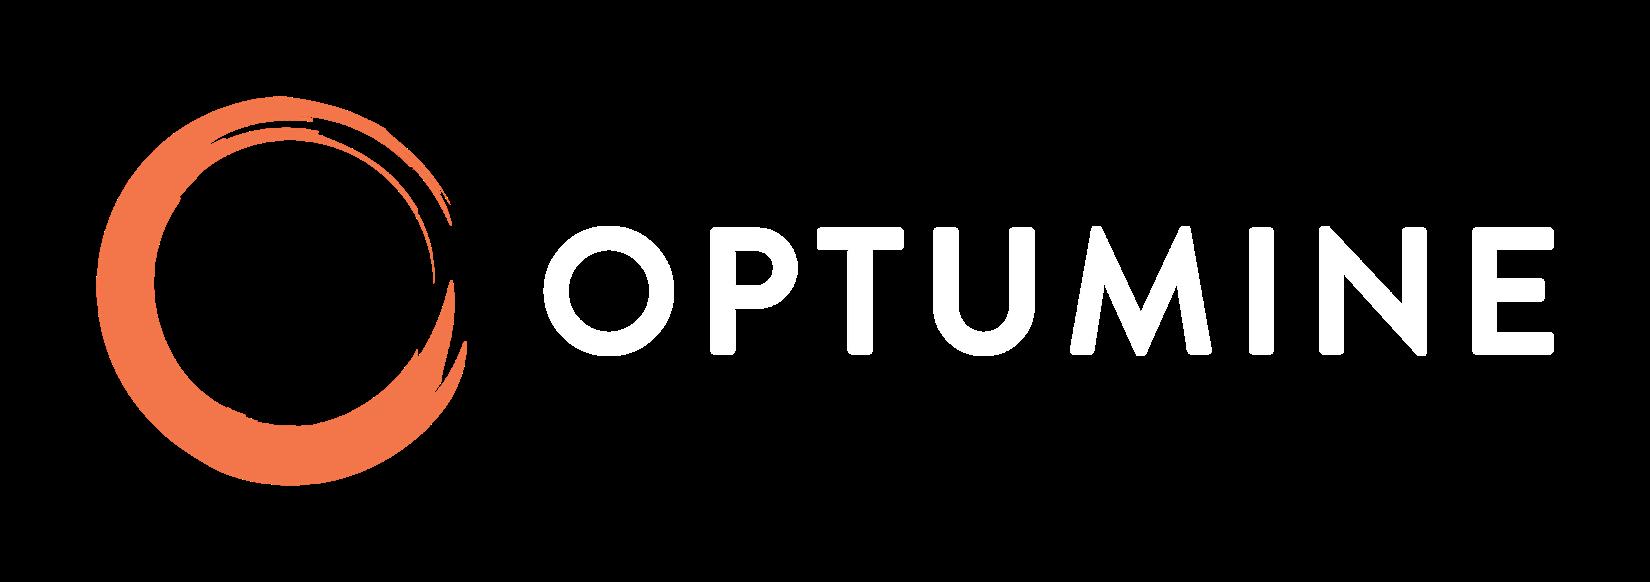 OPTUMINE